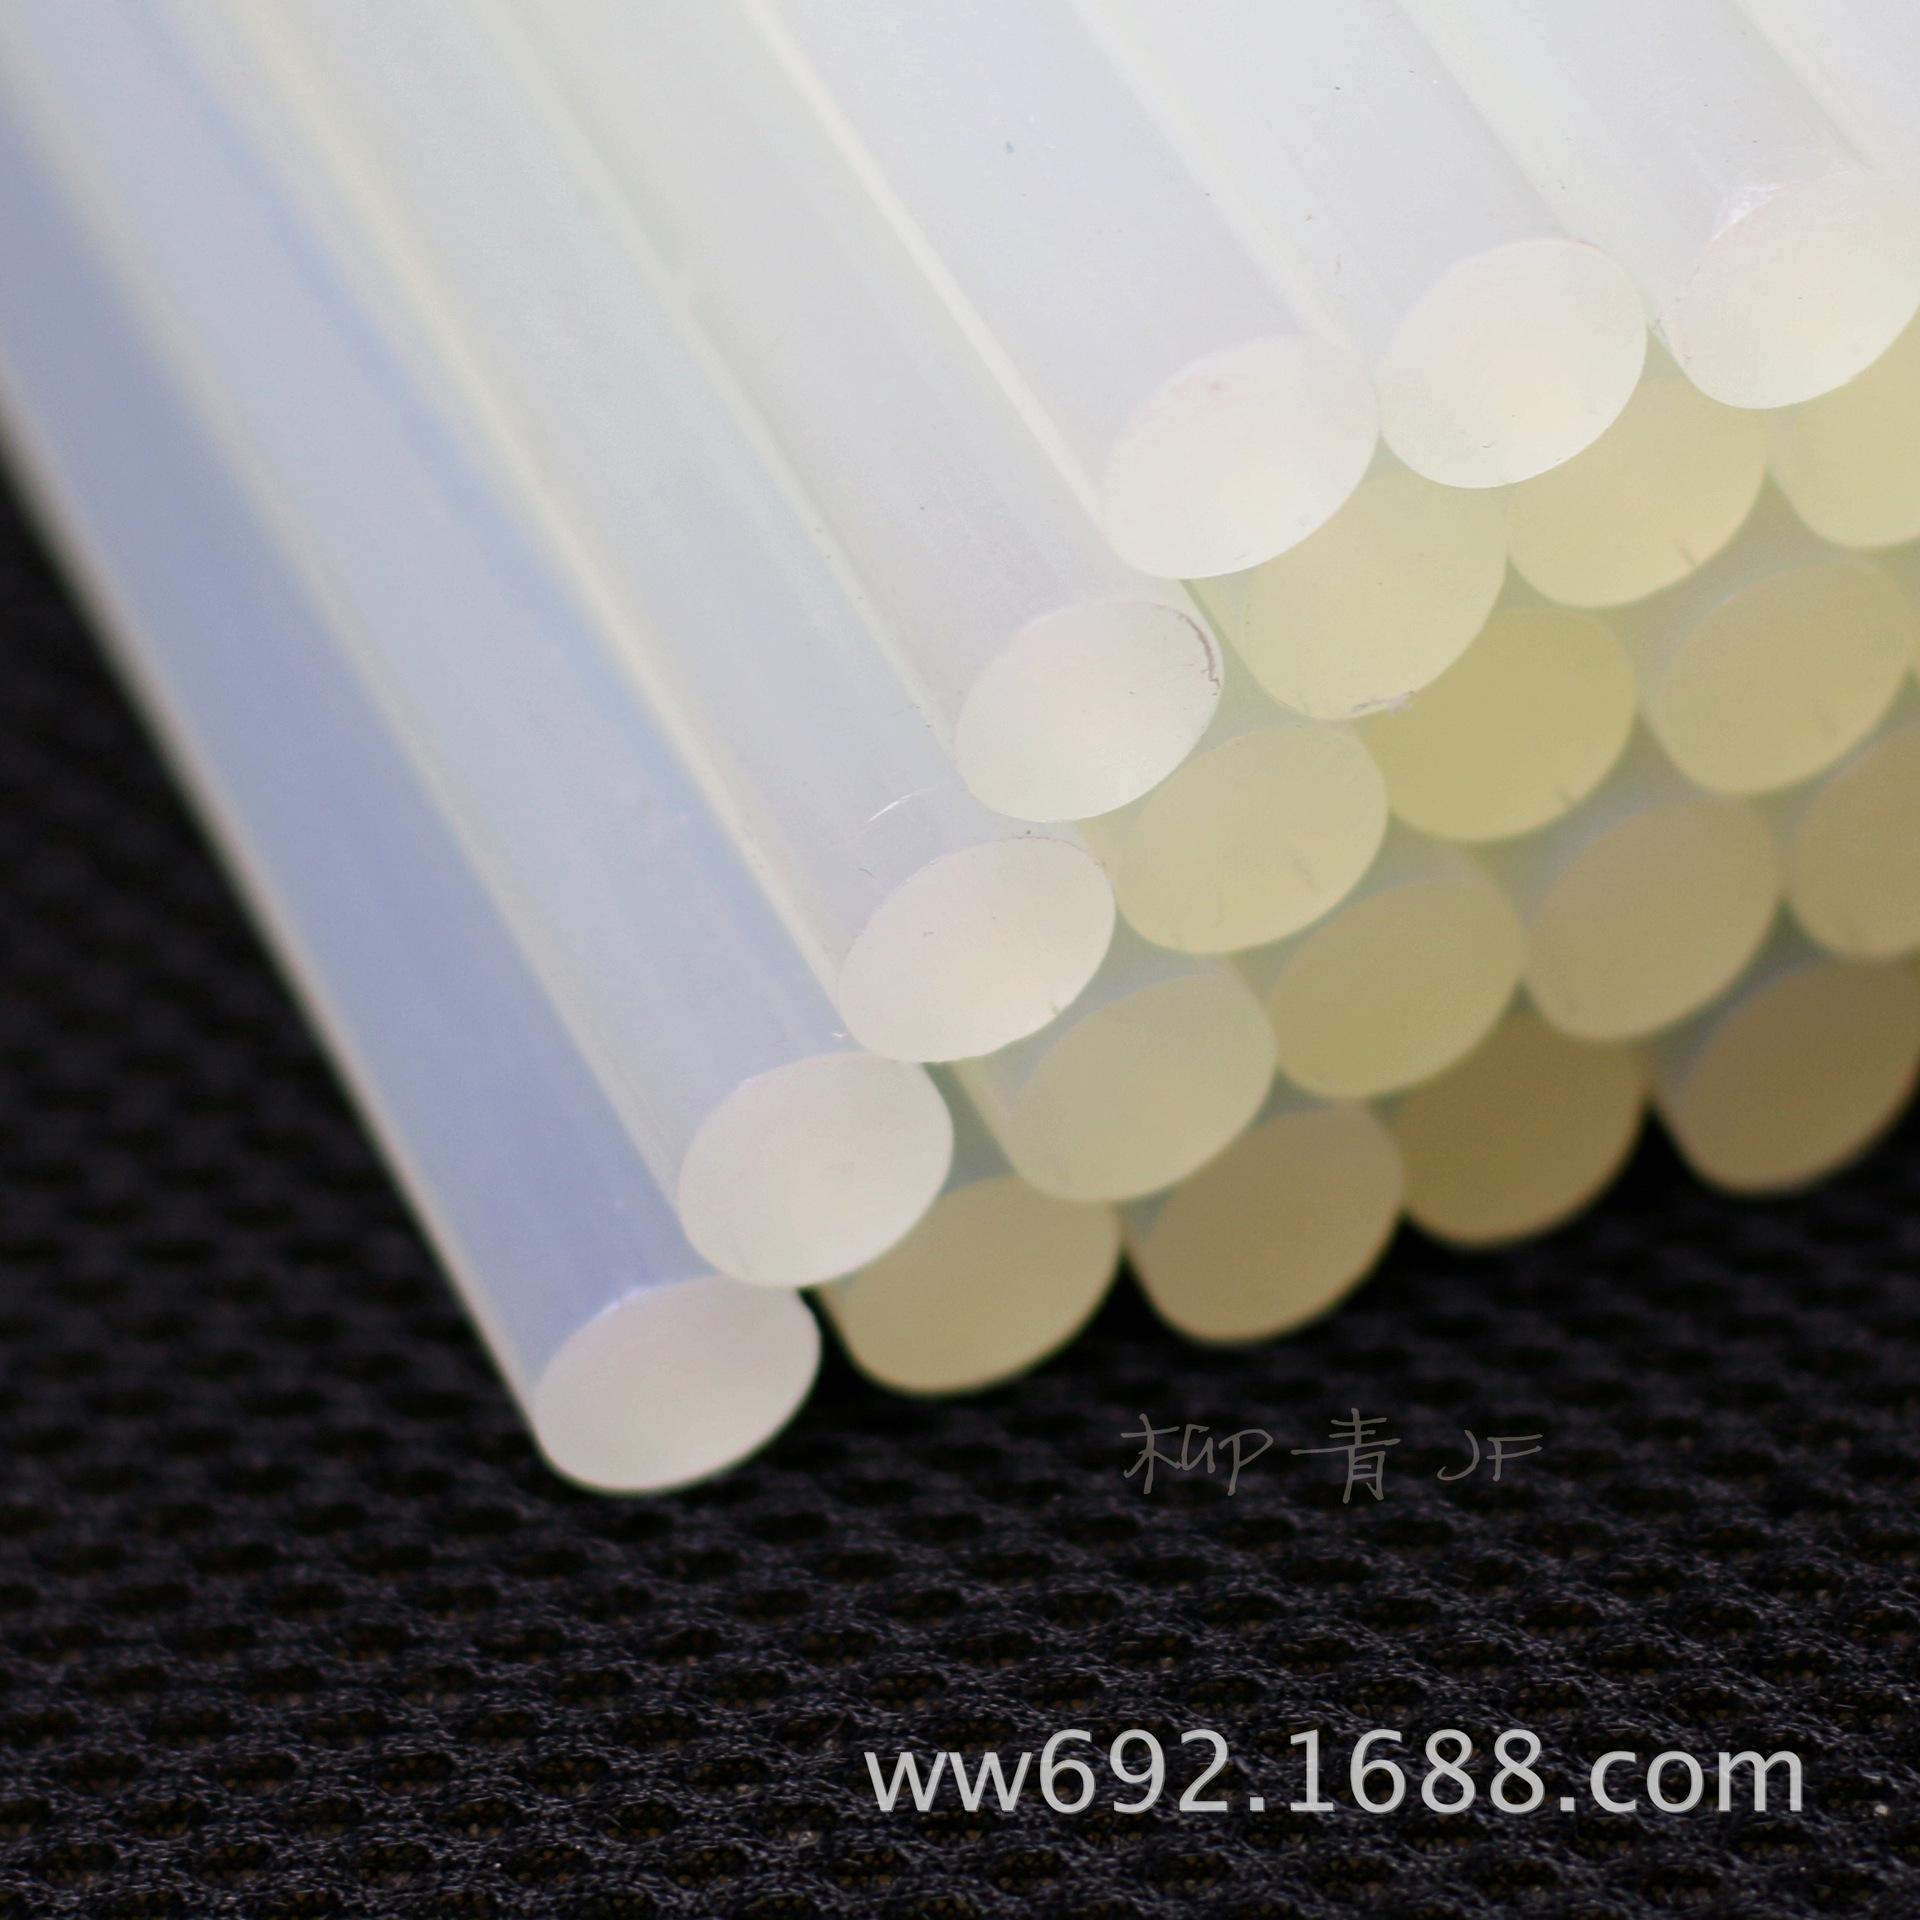 热熔胶棒 优质环保胶条高粘度 厂家直销现货供应 7- 11mm